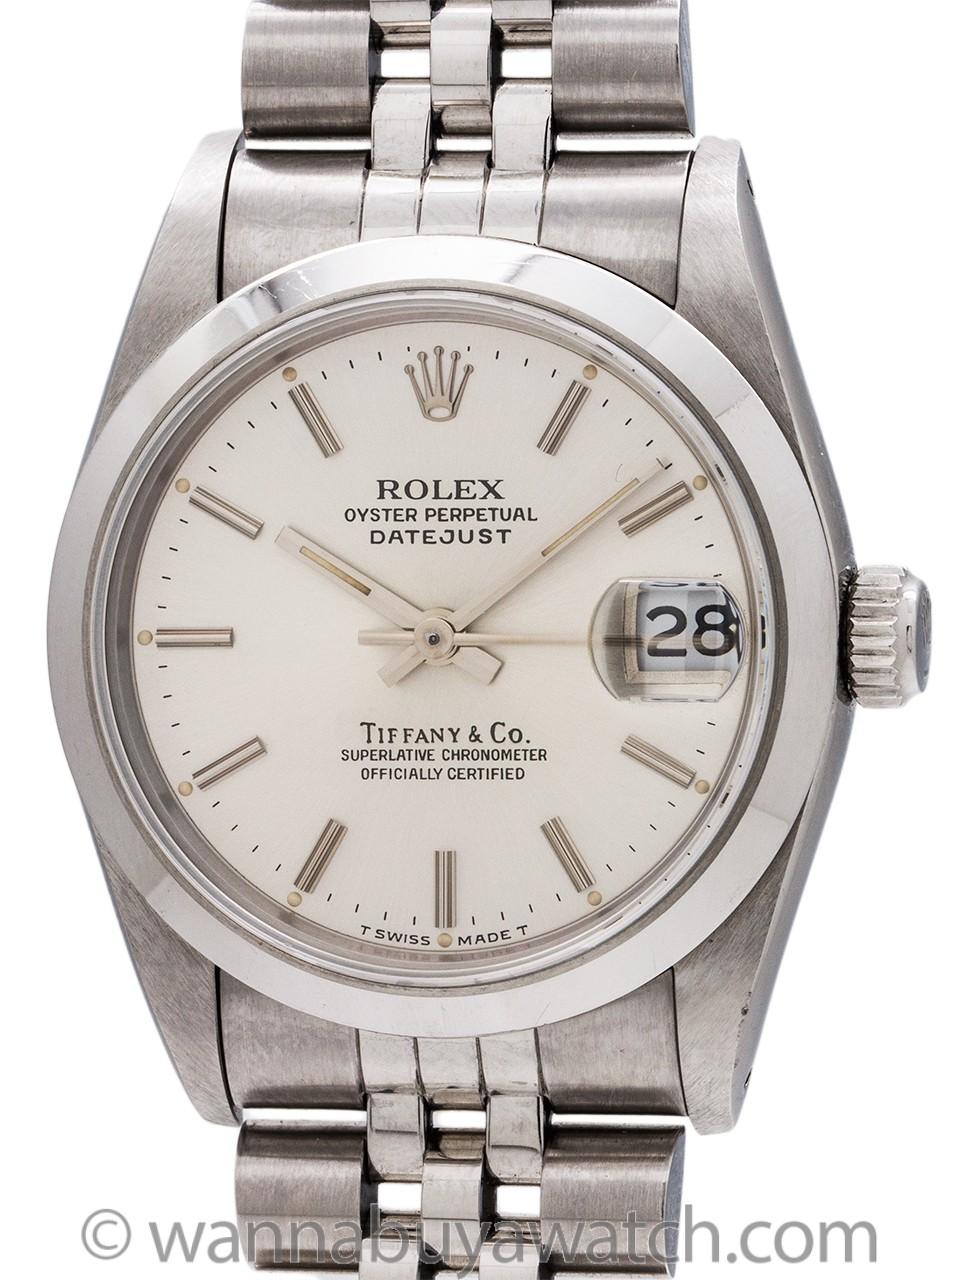 Rolex Midsize Datejust Tiffany & Co ref 68240 circa 1991